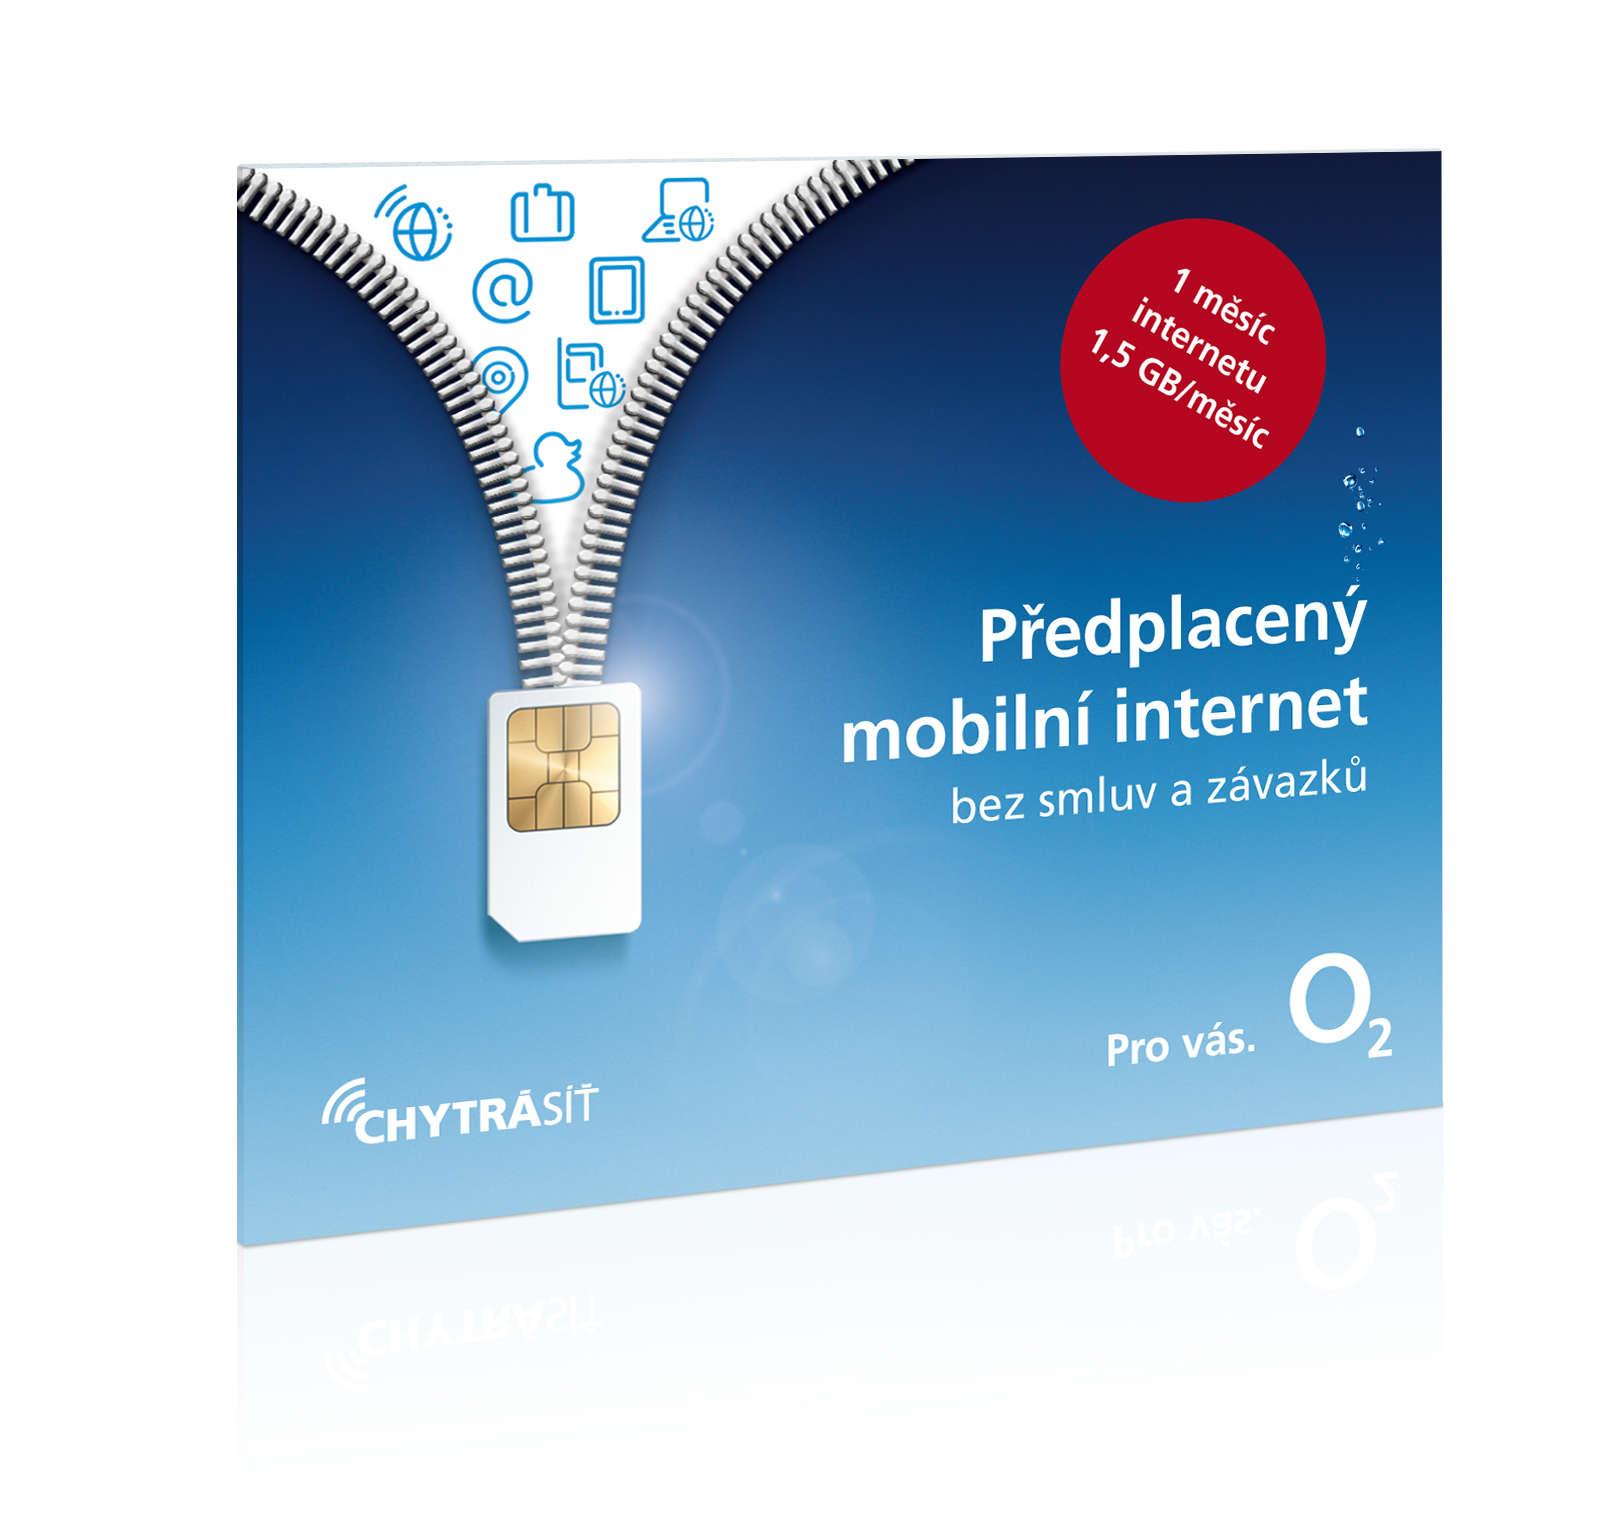 O2 Předplacený mobilní internet s 1,5GB